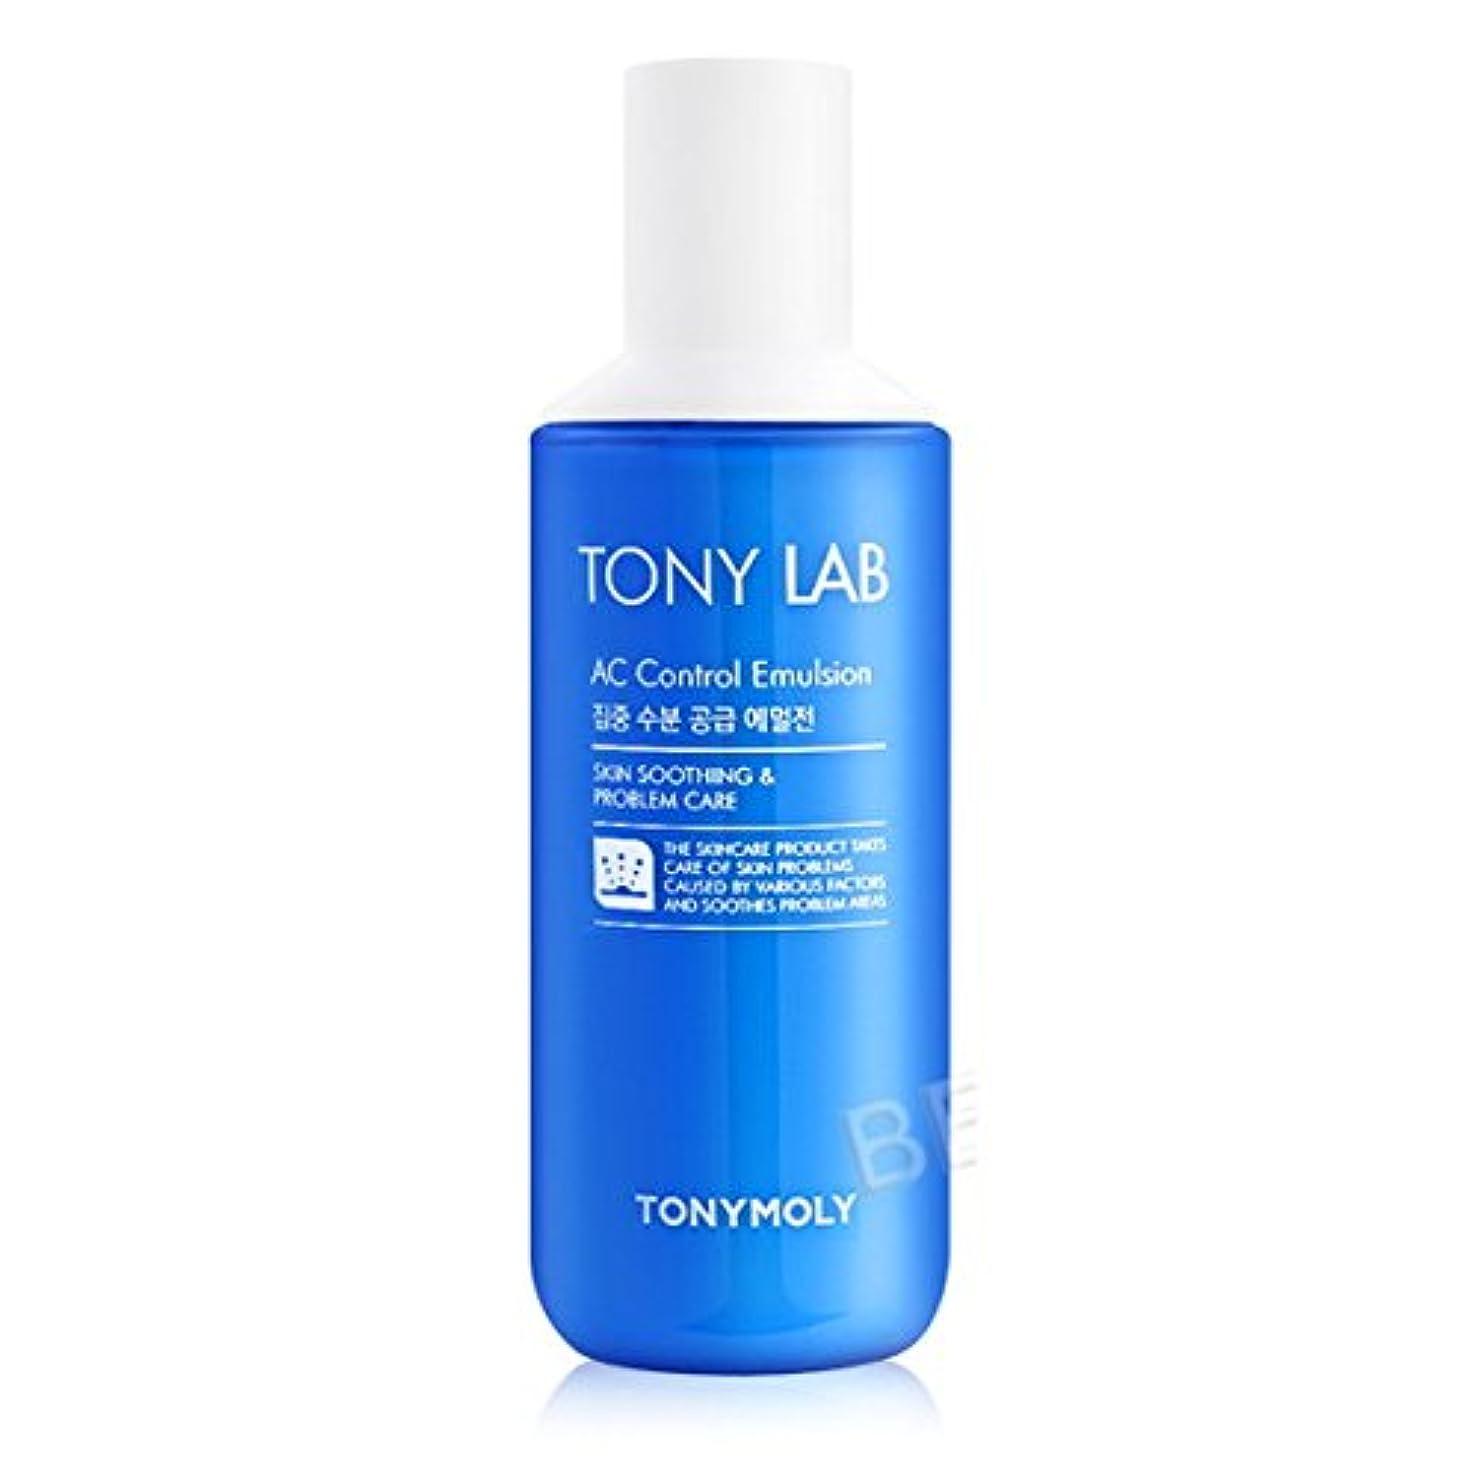 見捨てられた活発免除(3 Pack) TONYMOLY Tony Lab AC Control Emulsion (並行輸入品)